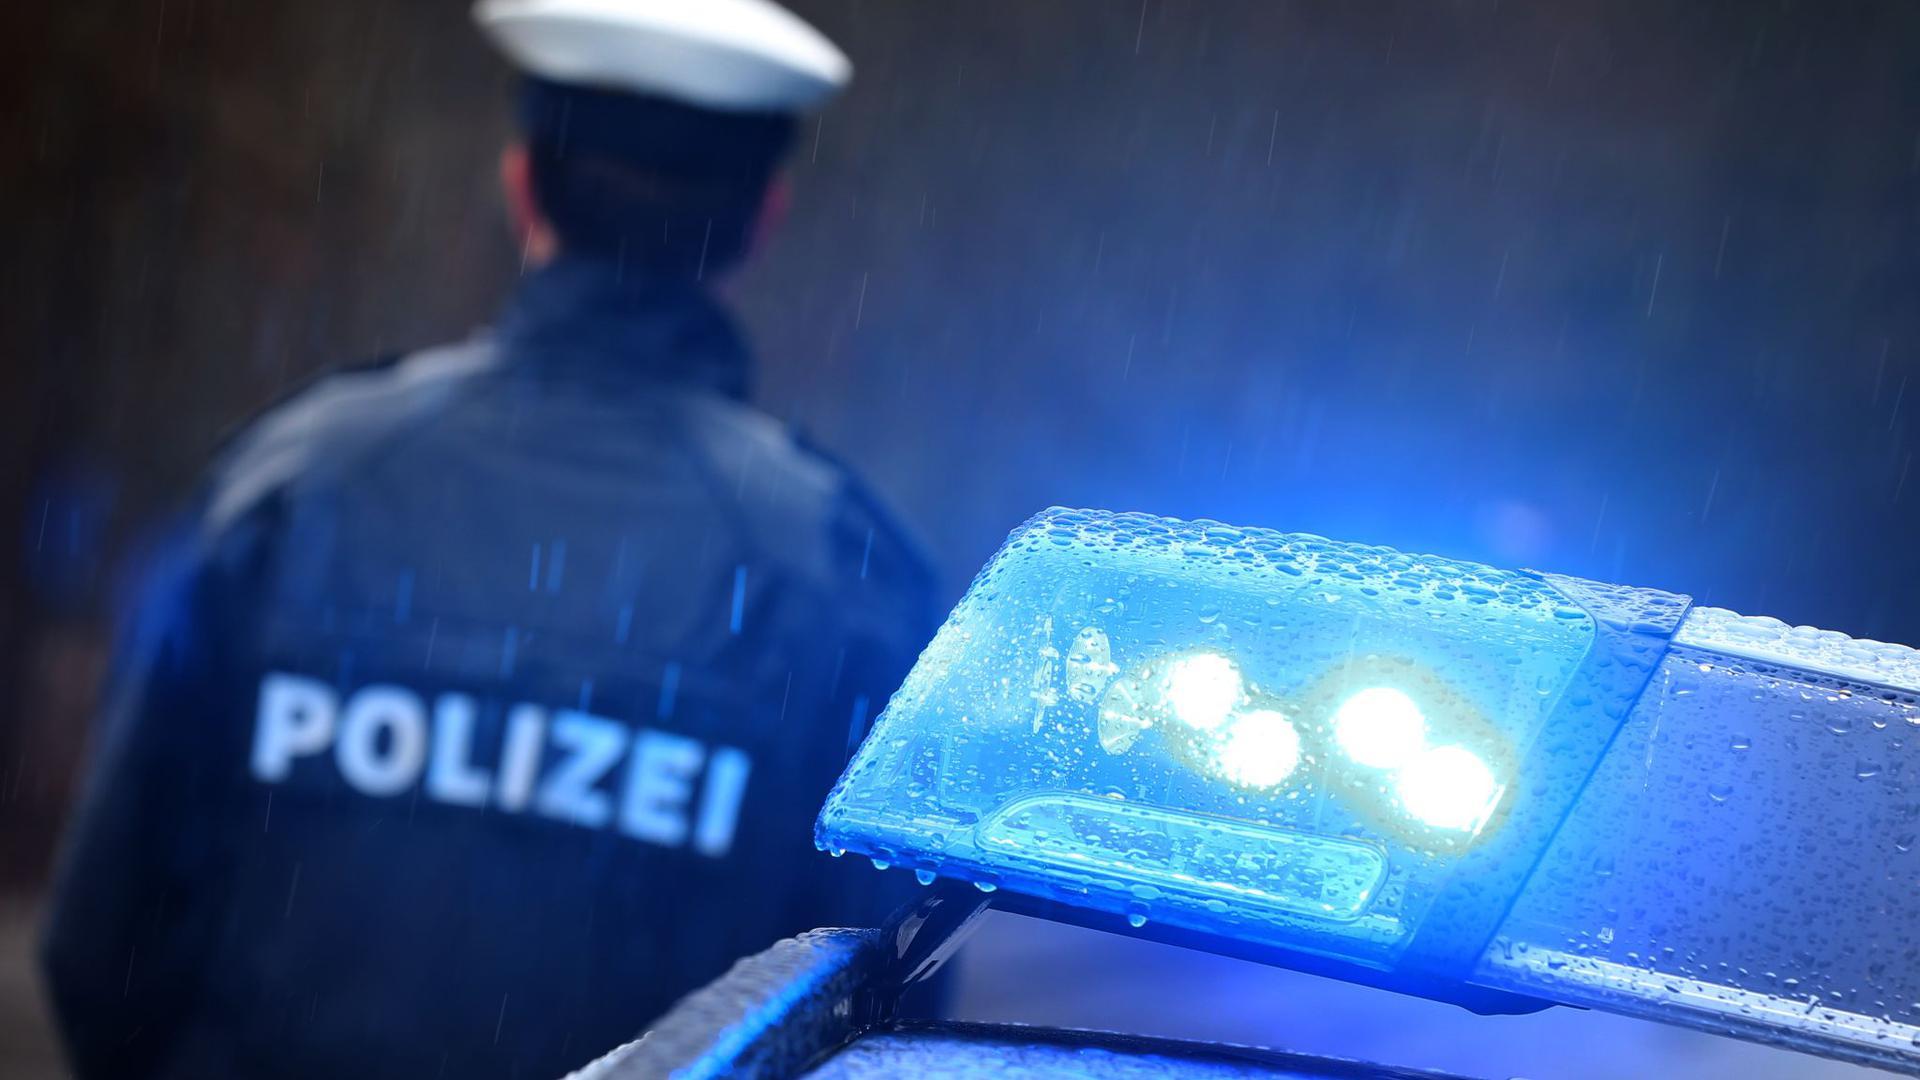 Wegen Falschaussage musste sich ein Polizist vor Gericht verantworten.